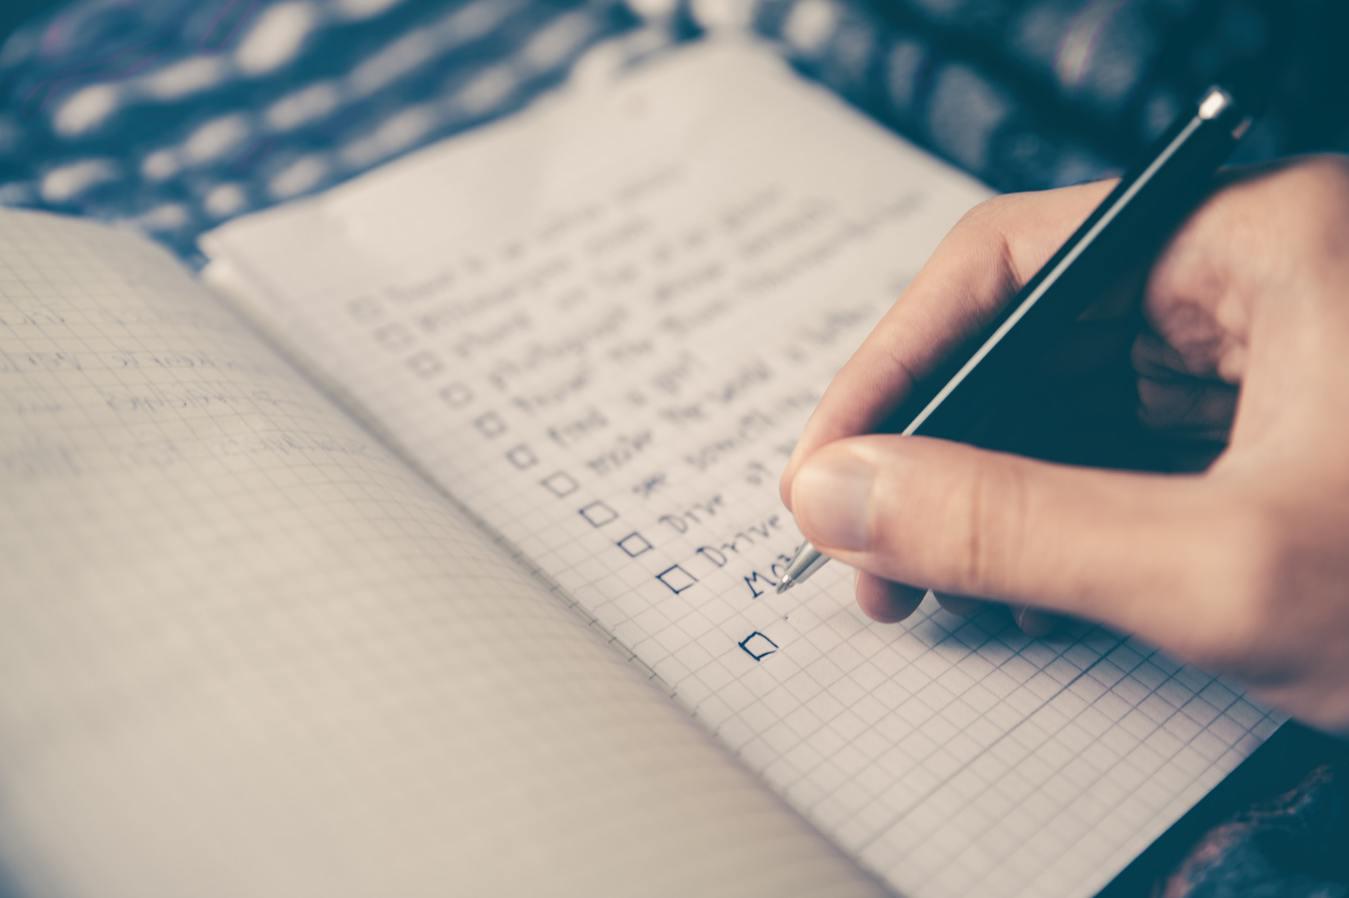 Una persona che scrive una checklist in un taccuino